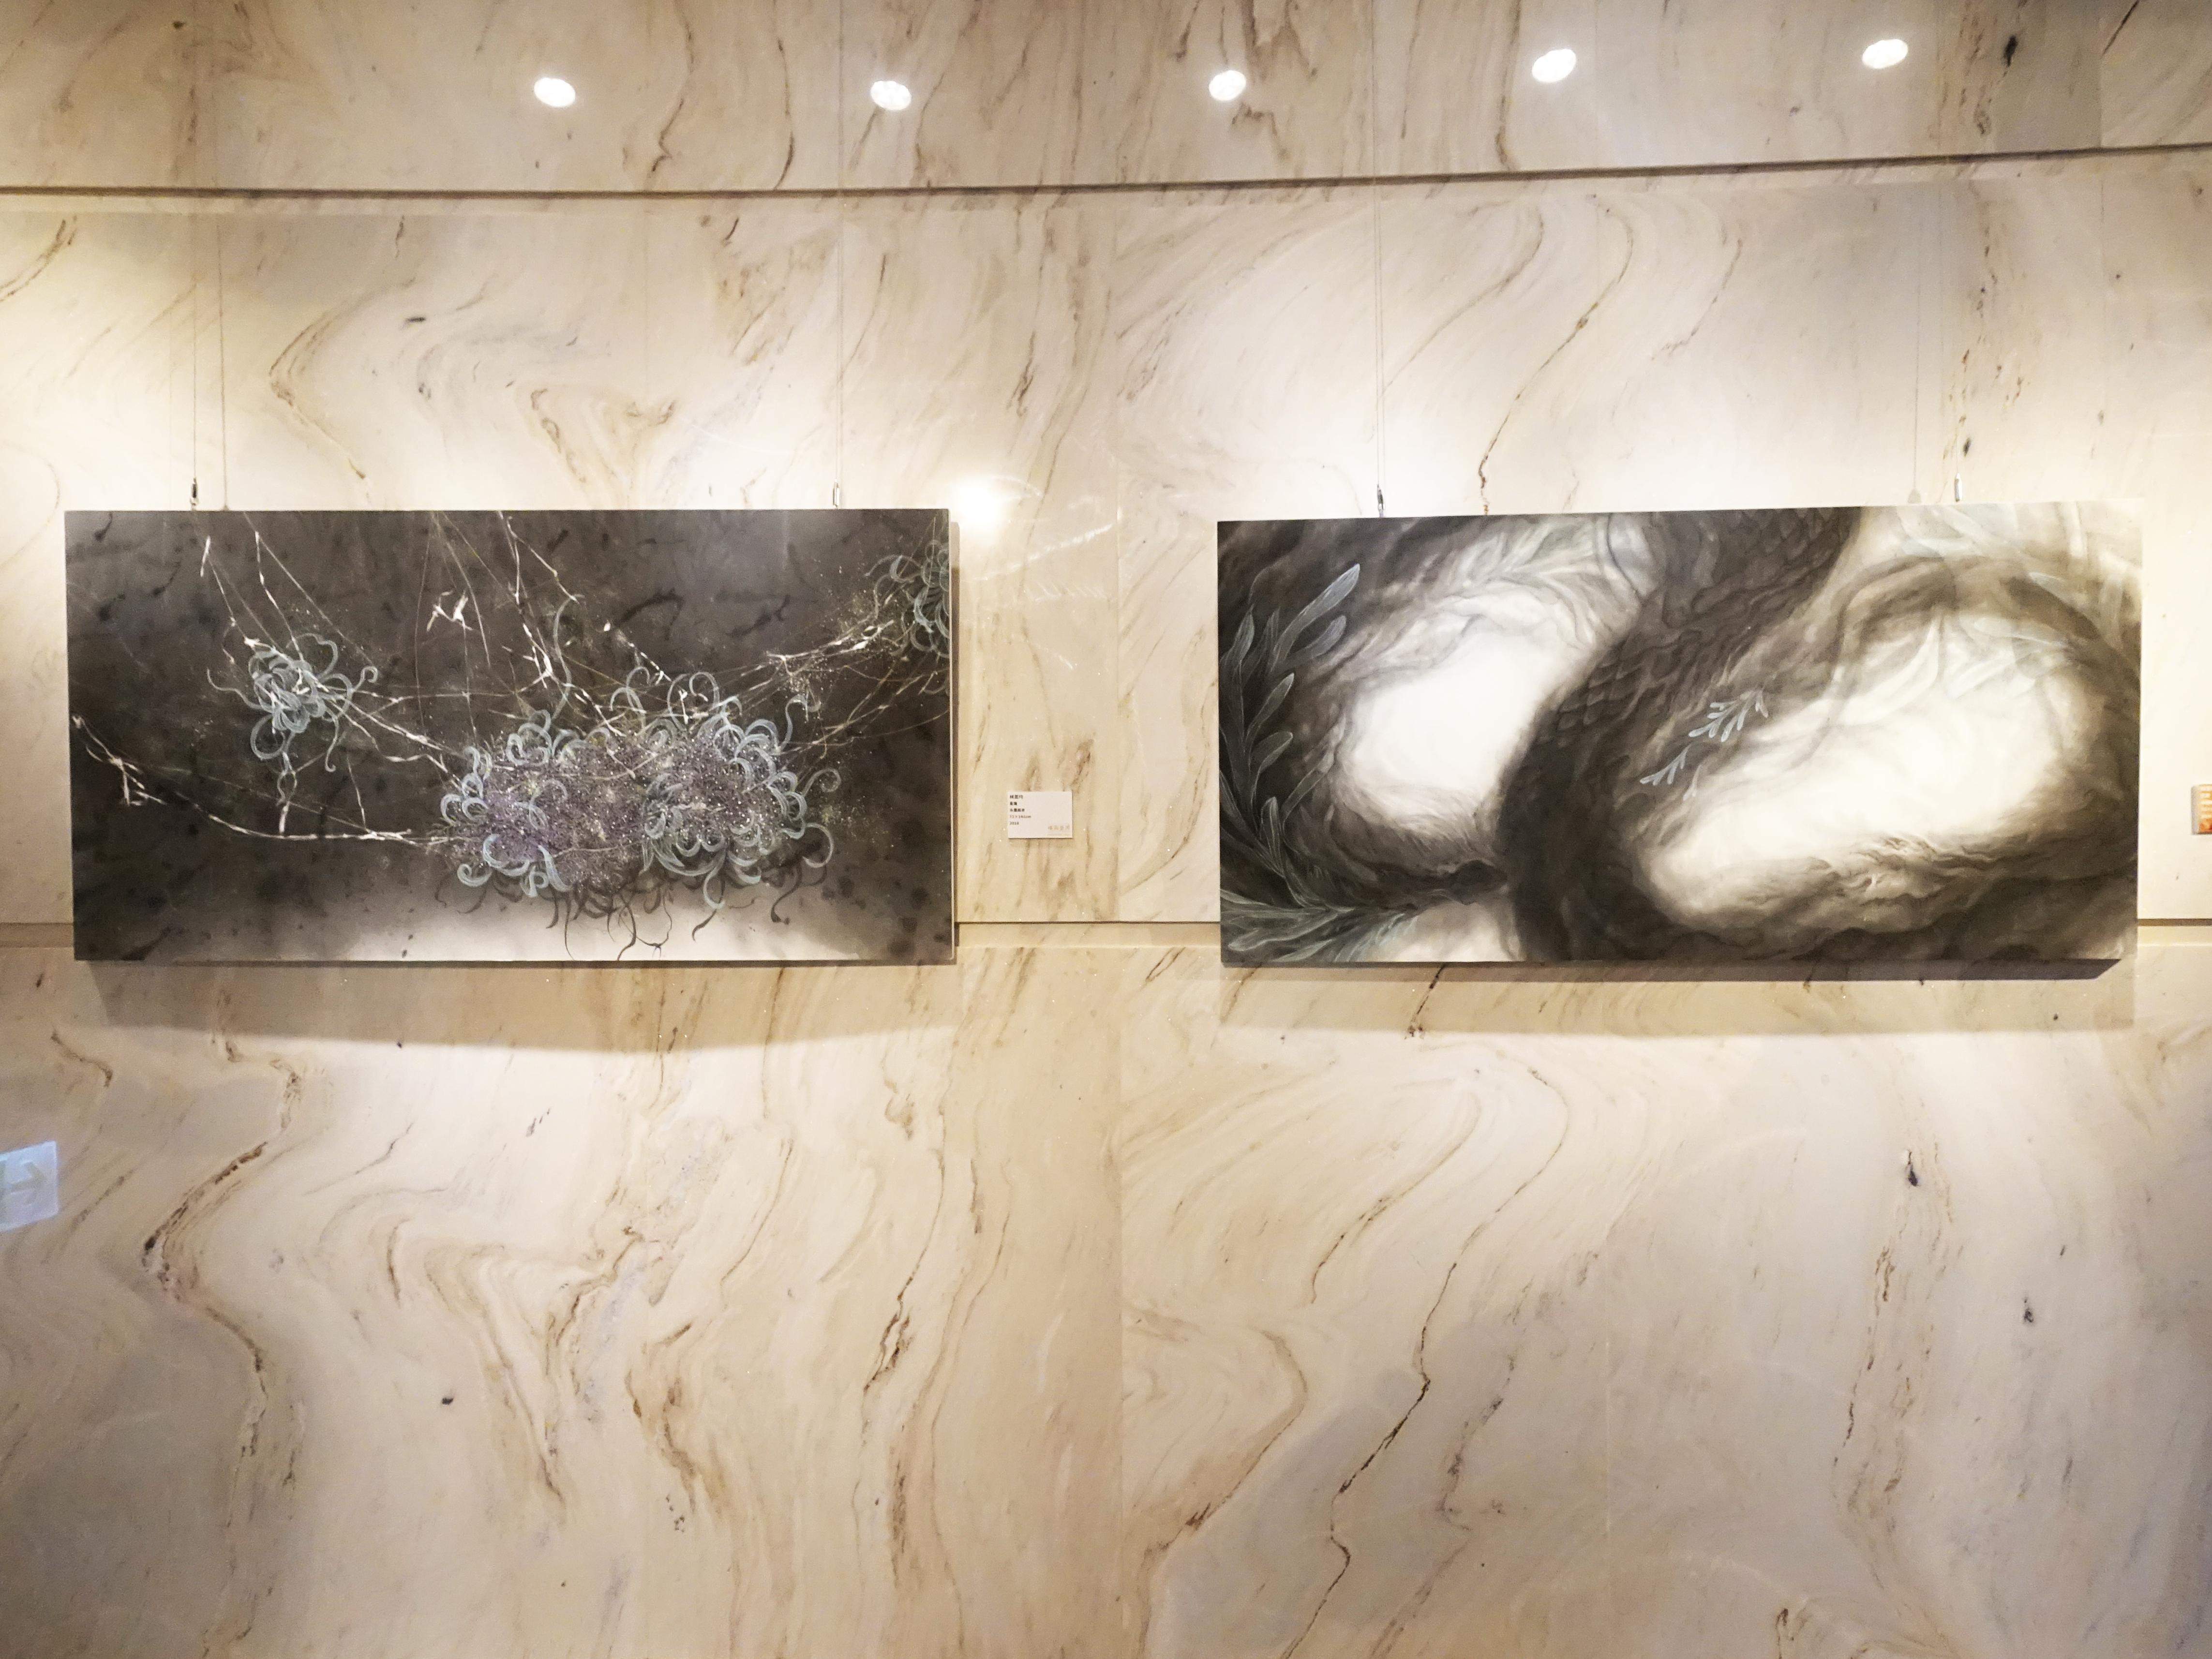 王道銀行基金會展出入圍者林昱均水墨系列作品。